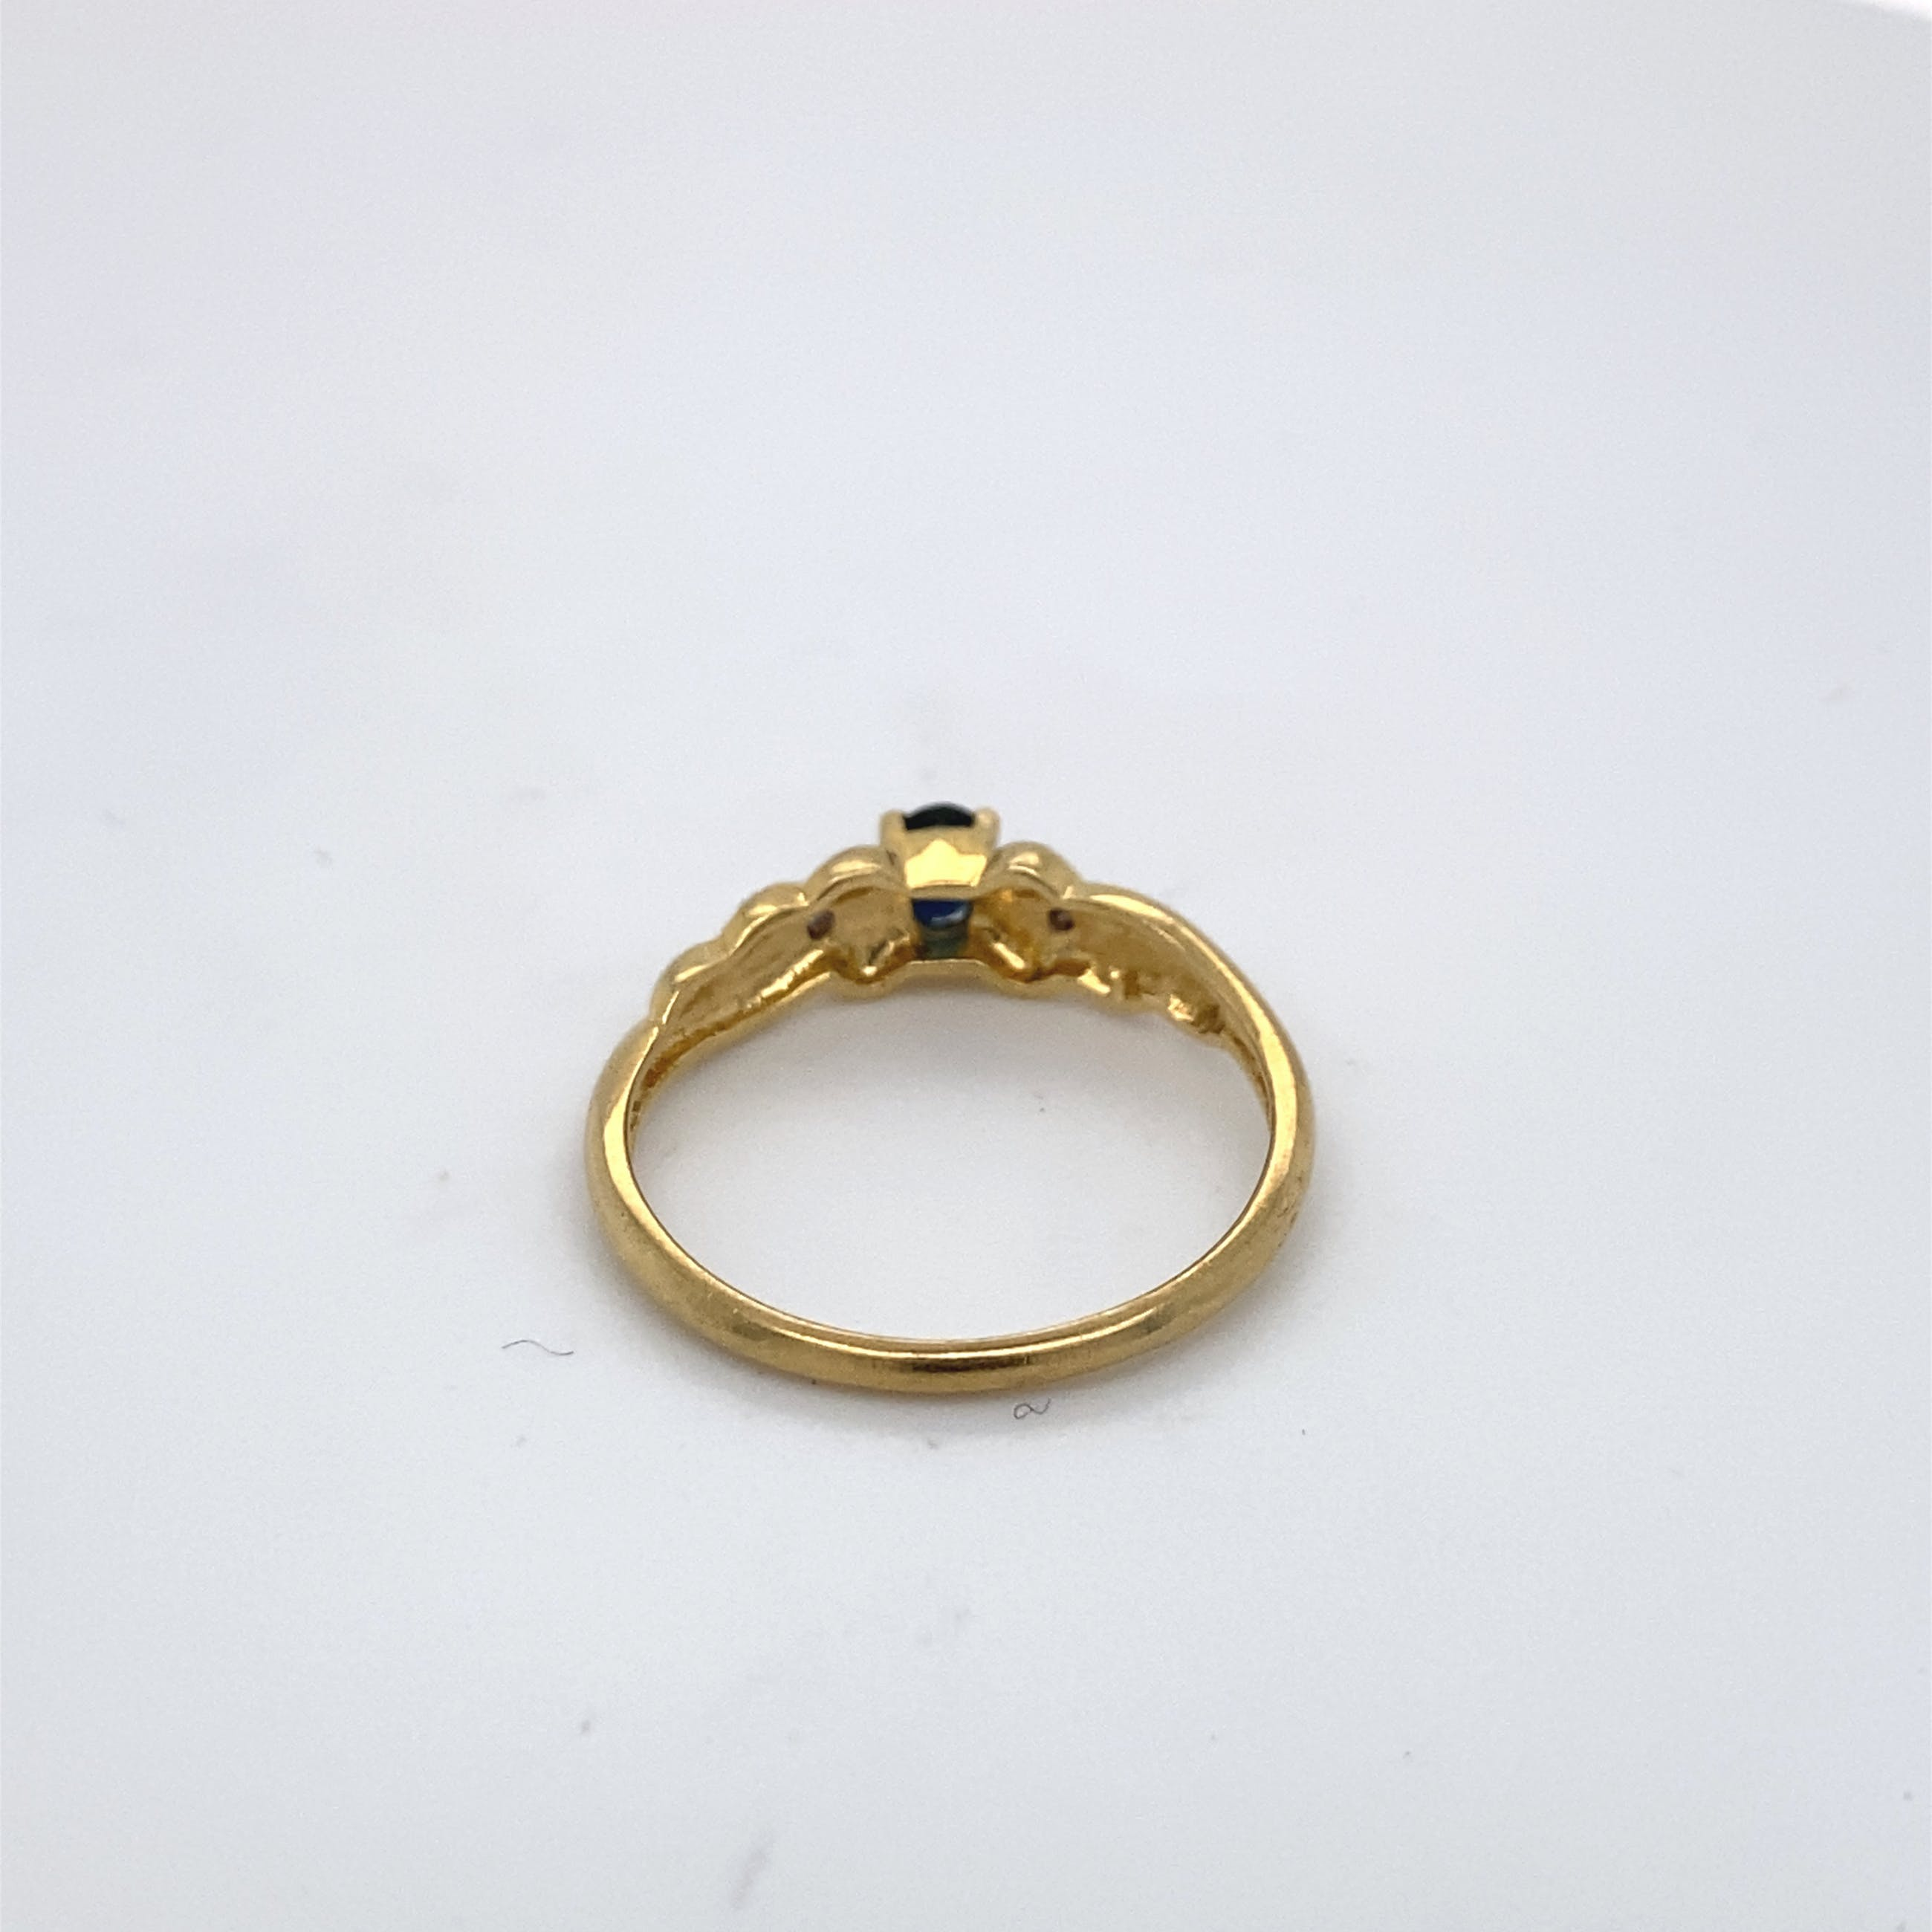 18kt gouden ring met saffier en diamant, maat 54/17,25, 2,28gr kopen? Bied vanaf 100!